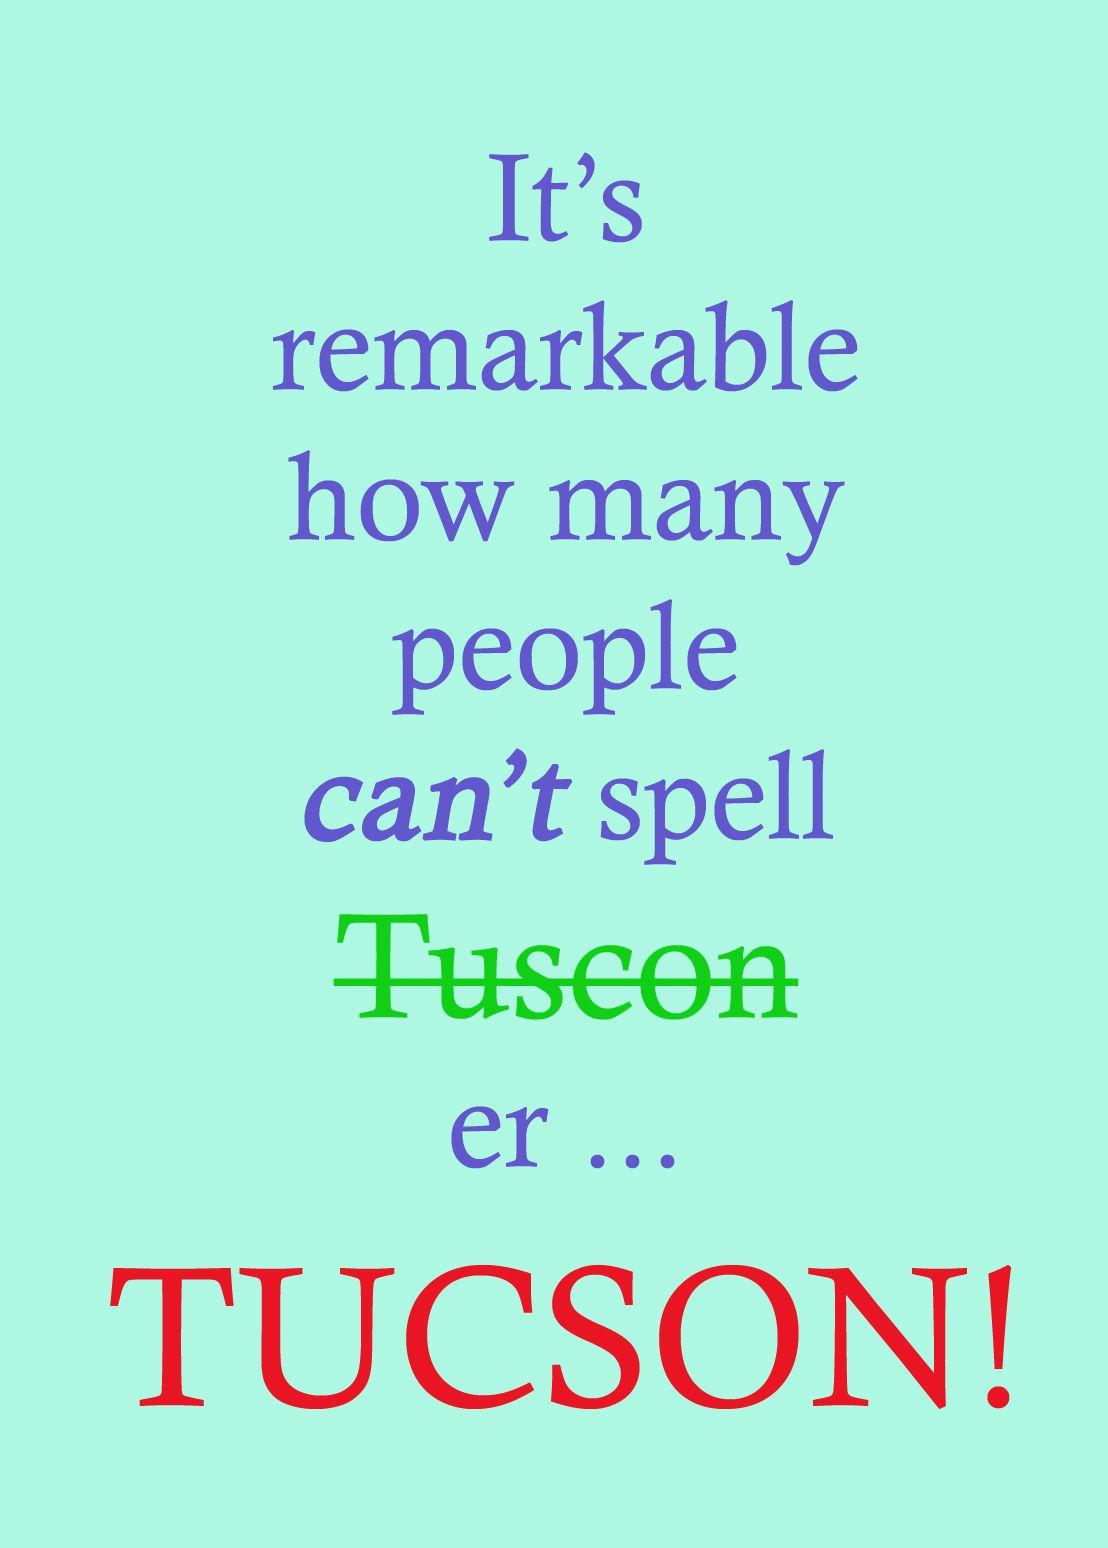 Tuscon Arizona - NO!  It's Tucson Arizona.